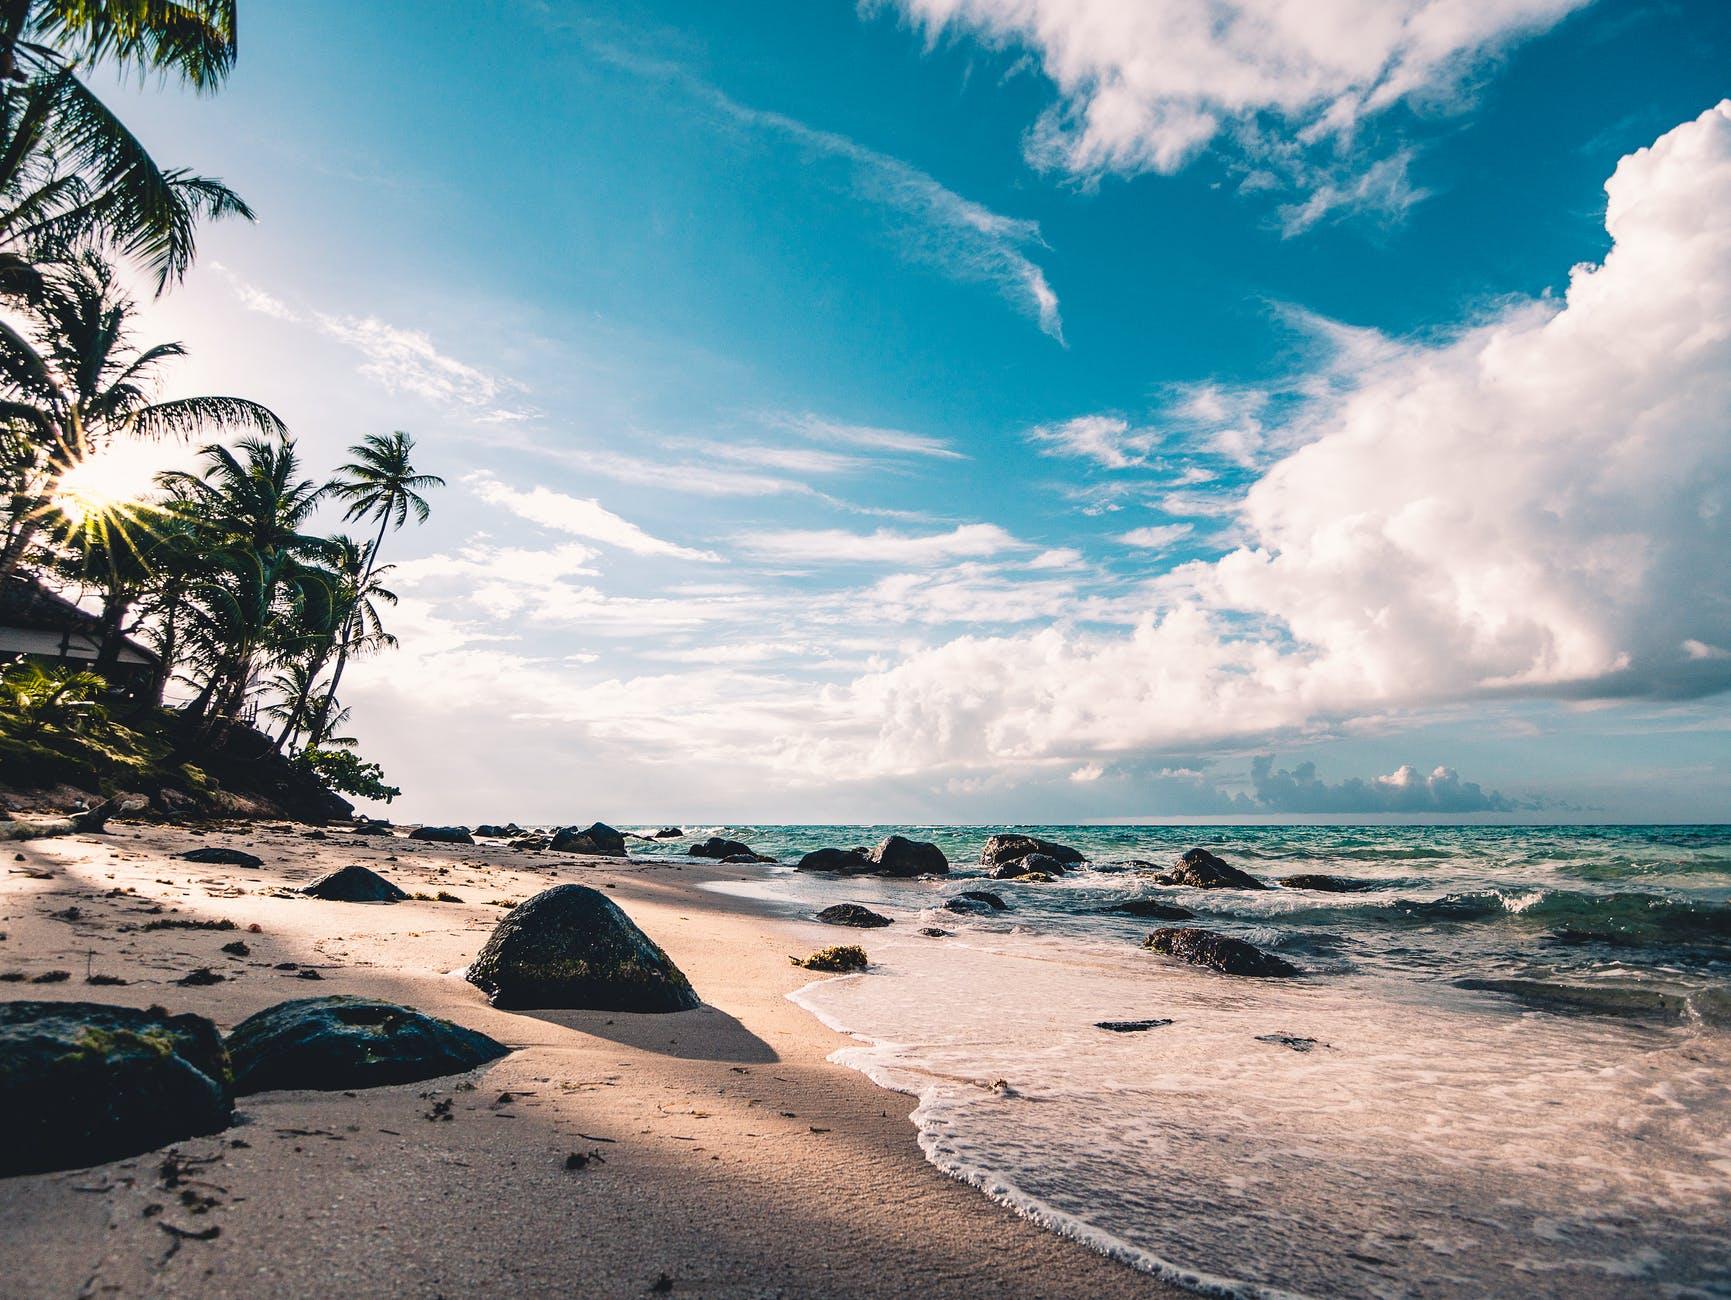 Australia necesita a alguien para cuidar una isla tropical